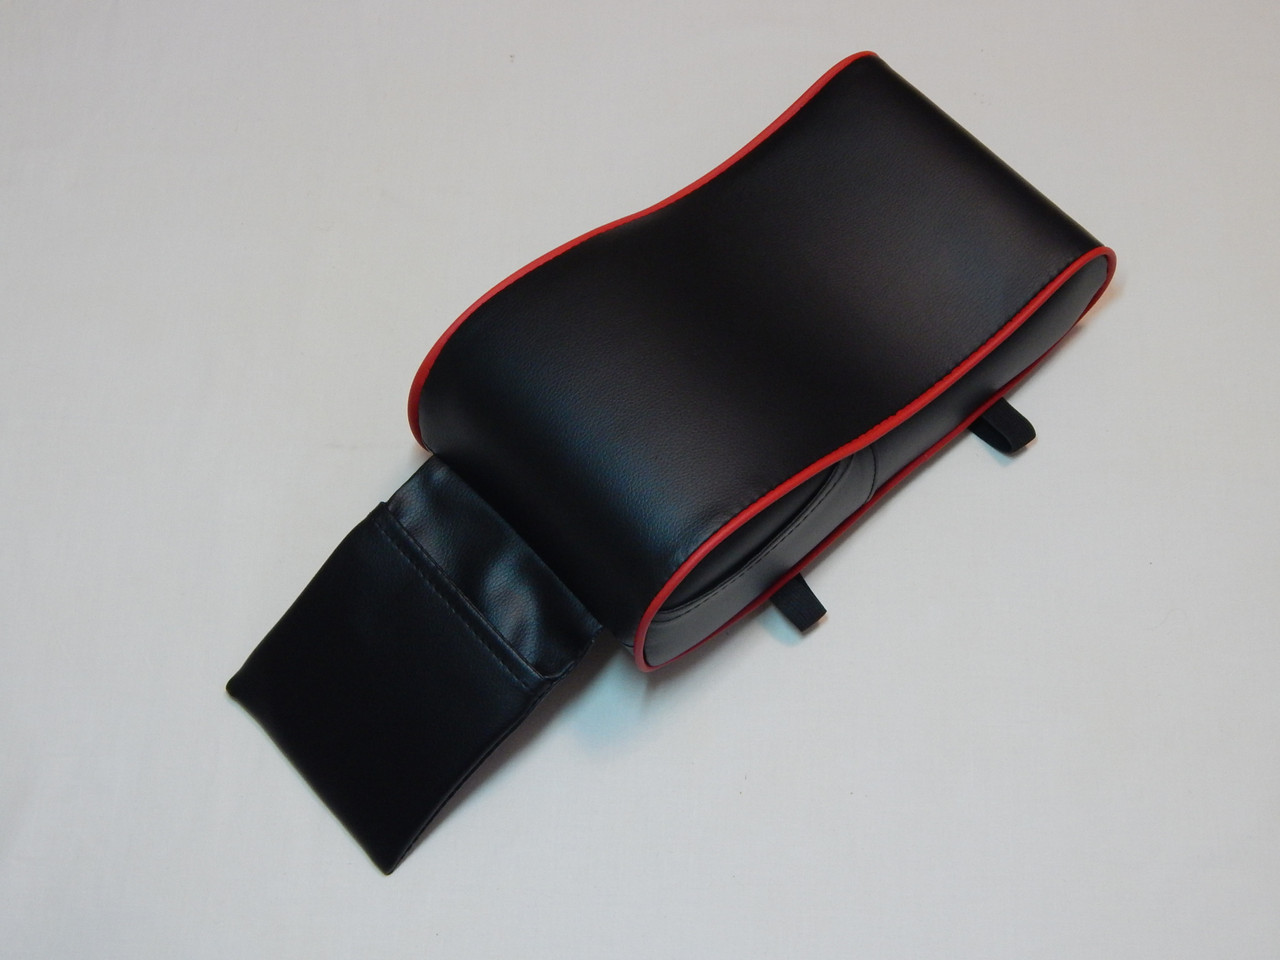 Підлокітник для салону автомобіля ZIRY штучна шкіра, чорний з червоним